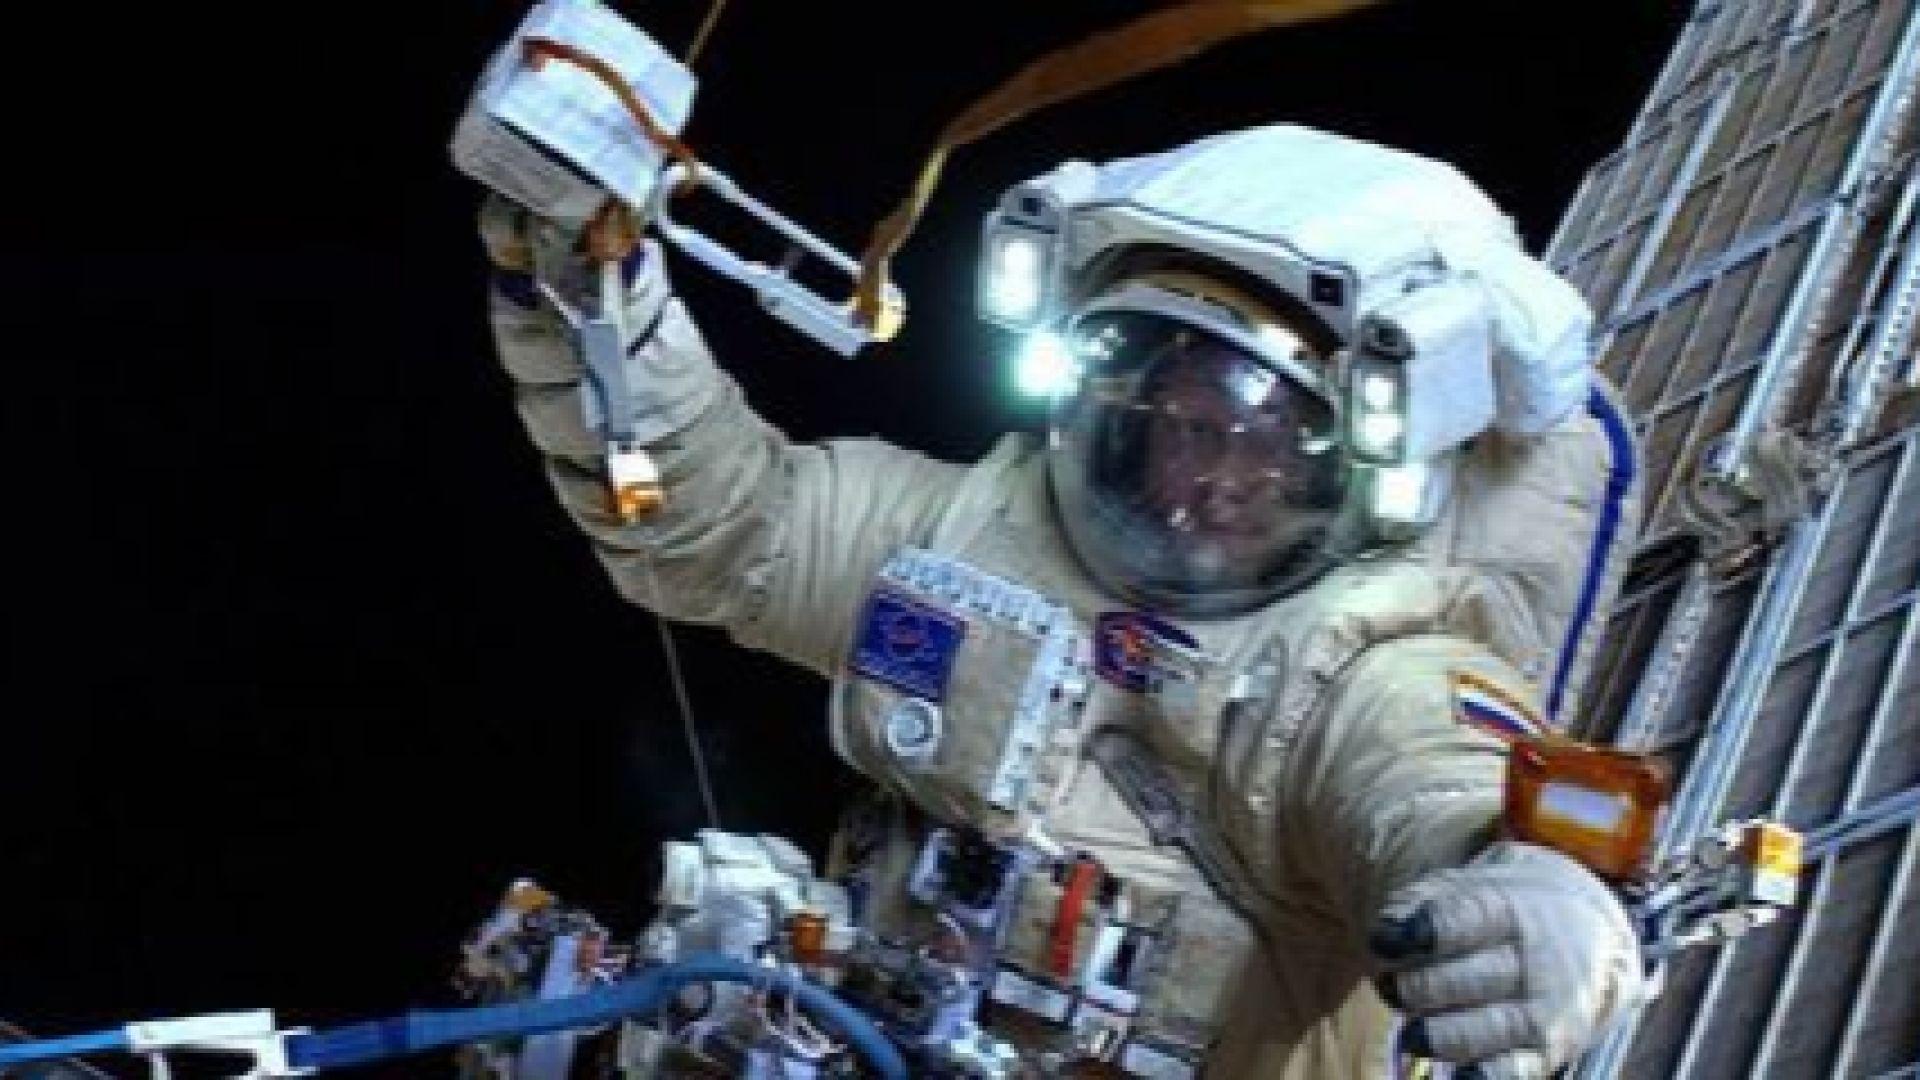 Снимка: Известен космонавт и блогър идва на Техническия панаир